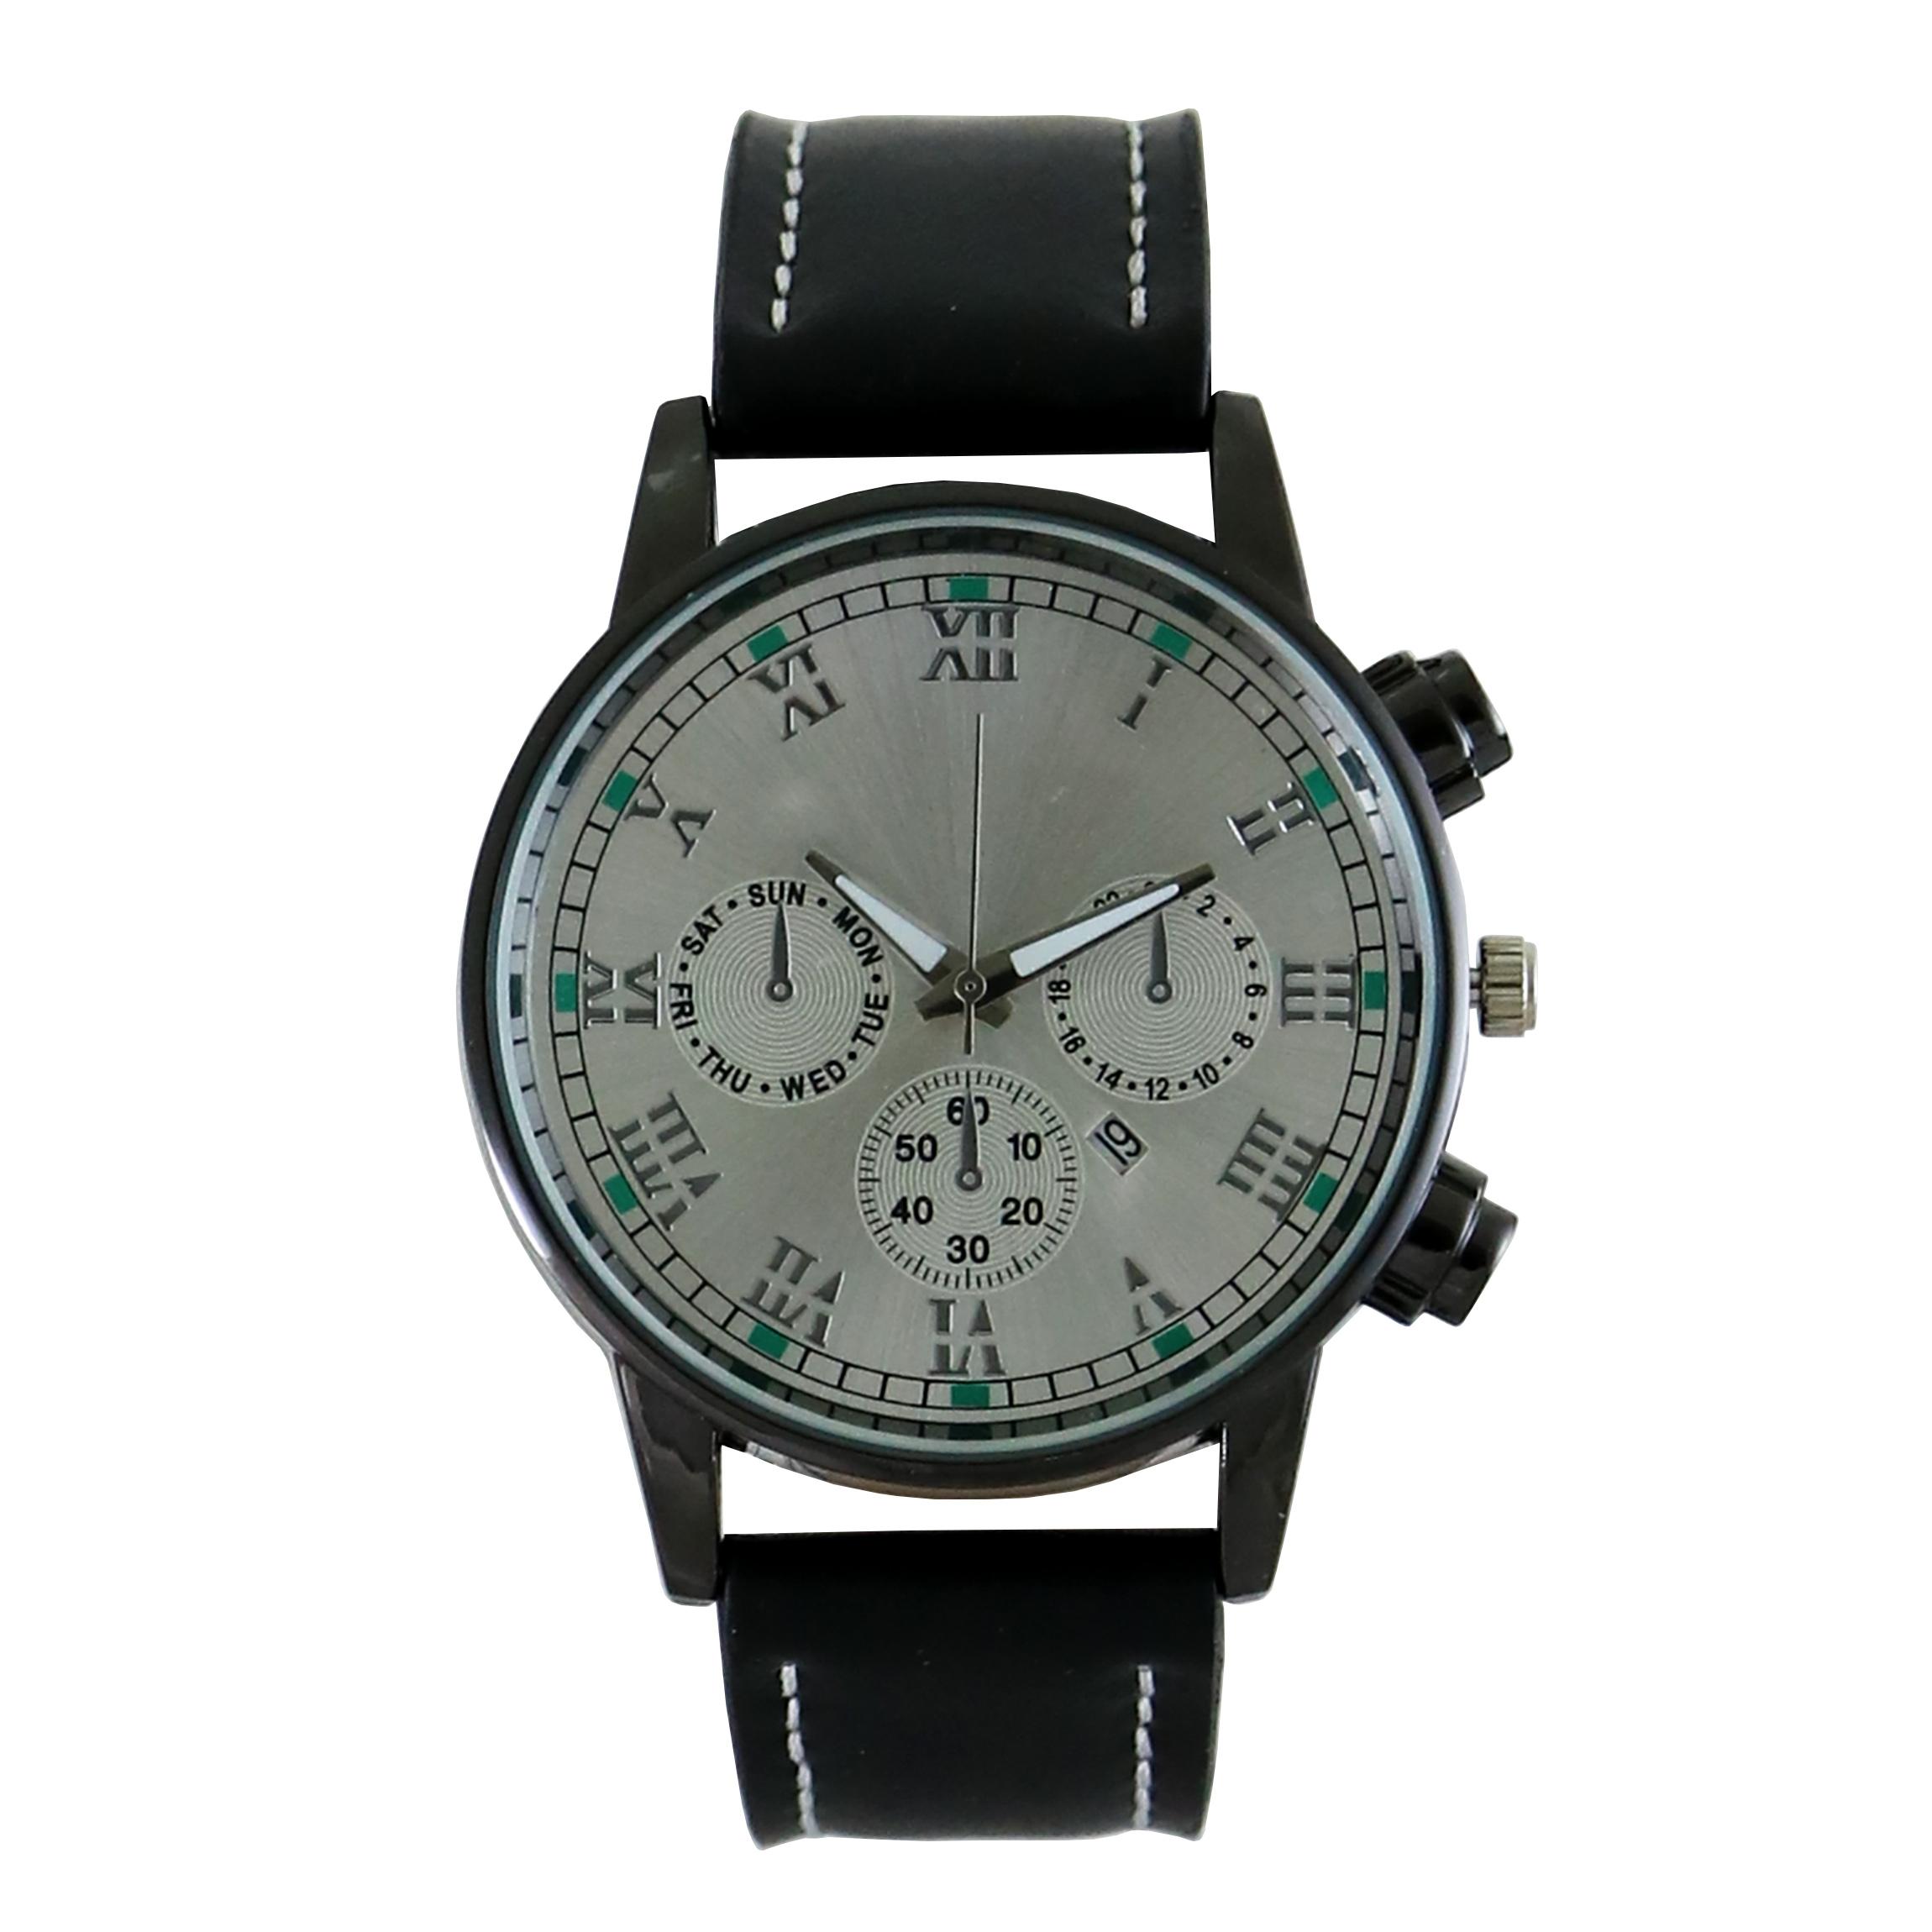 ساعت مچی عقربه ای مردانه کد mw969              خرید (⭐️⭐️⭐️)